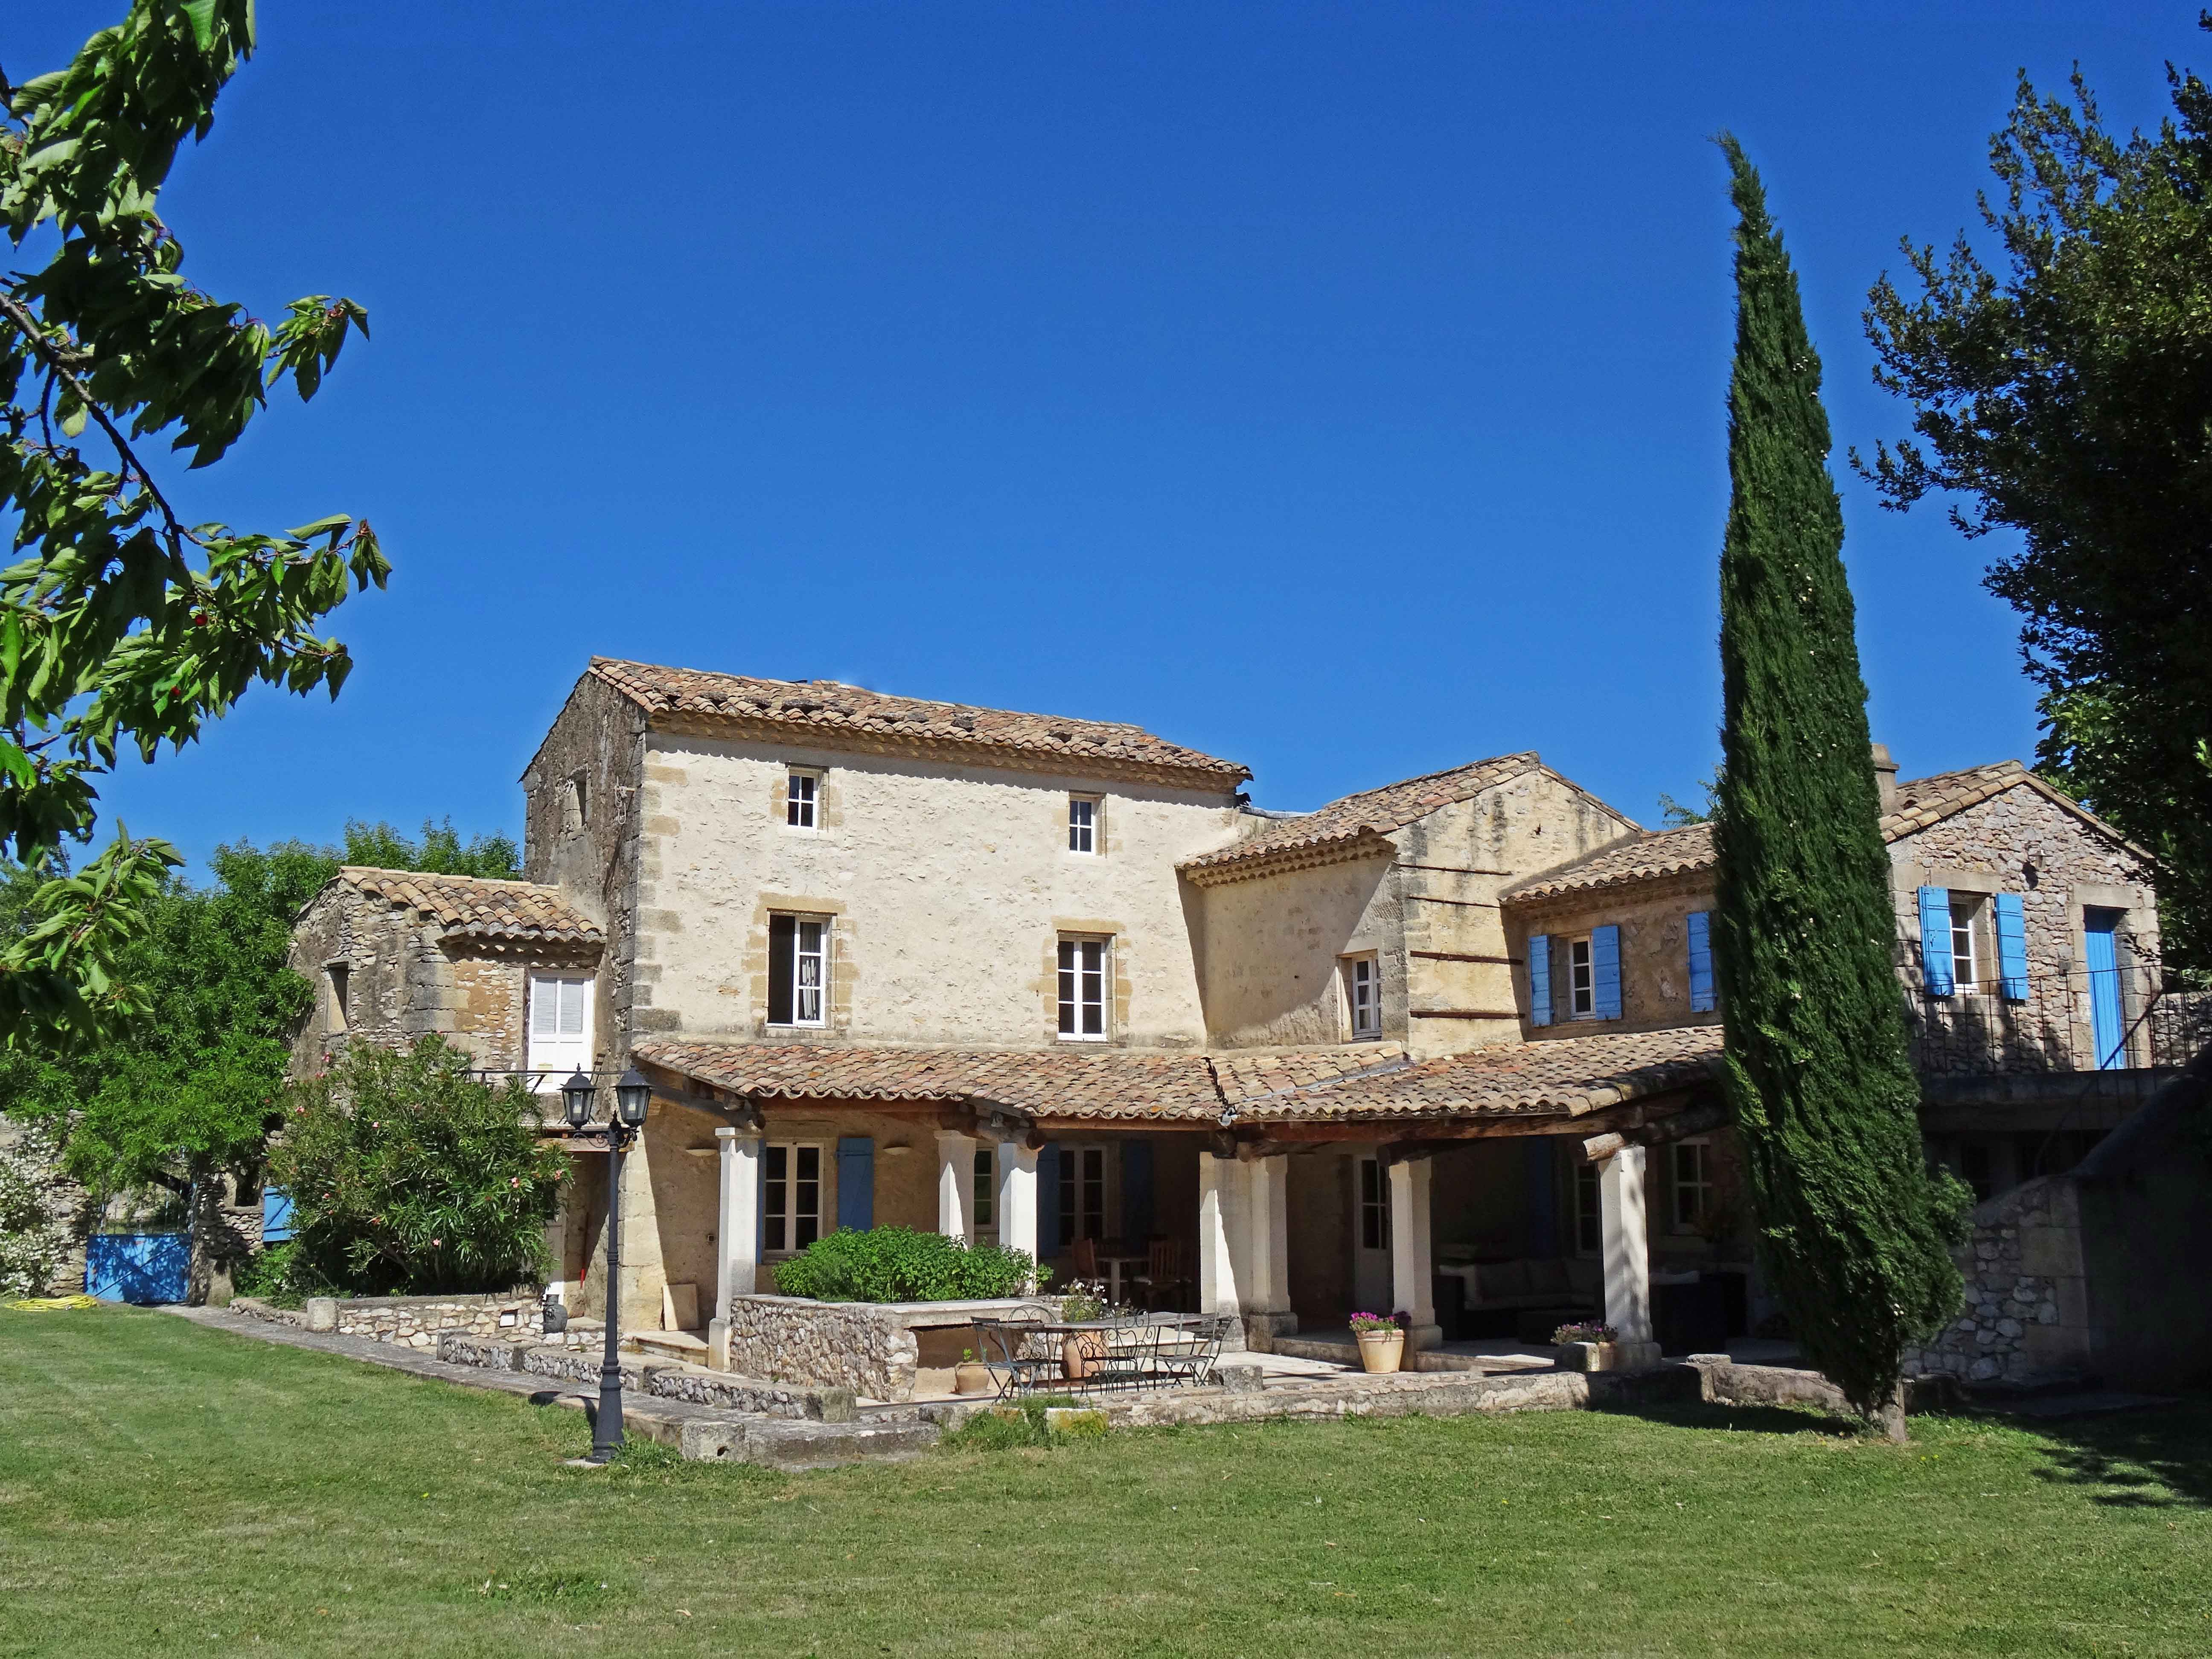 Ферма / ранчо / плантация для того Продажа на MAS DE CARACTERE PROCHE D AVIGNON Other Provence-Alpes-Cote D'Azur, Прованс-Альпы-Лазурный Берег Франция